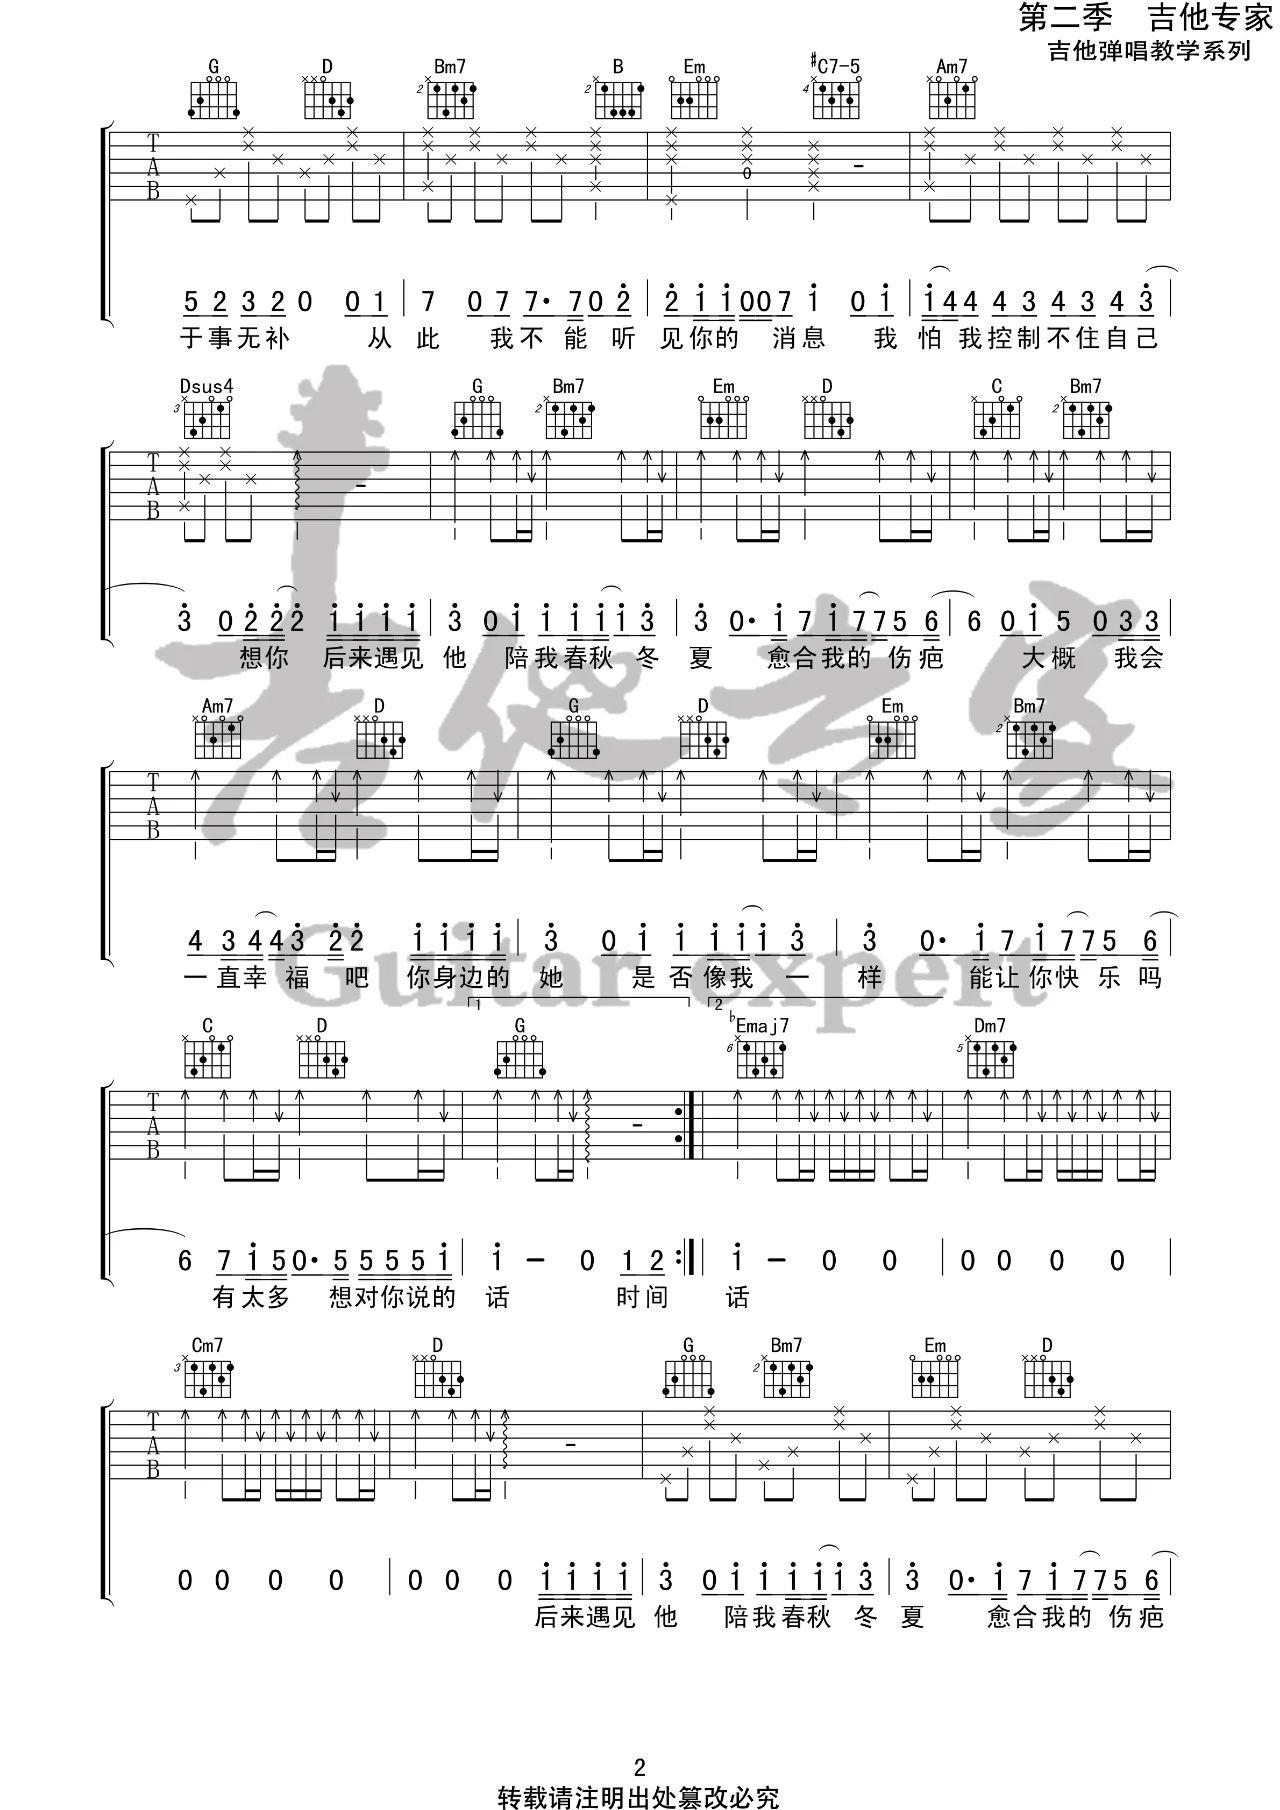 吉他派《后来遇见他》吉他谱-2